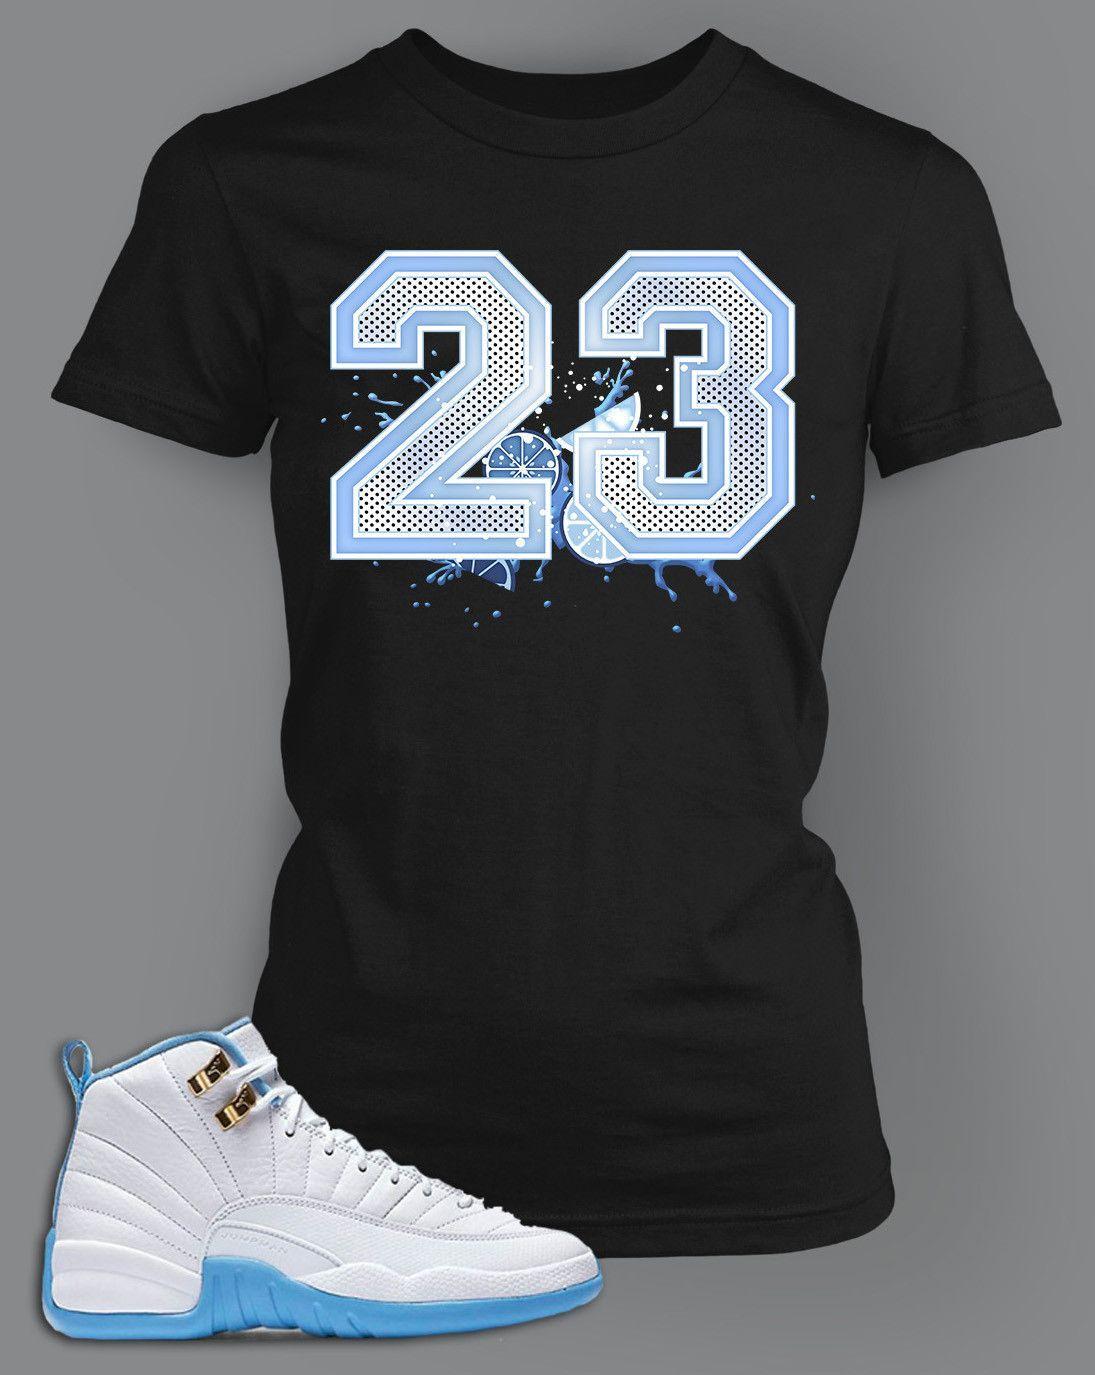 b706ca9ef412 Women s Graphic T Shirt To Match Retro Air Jordan 12 Melo Shoe in ...